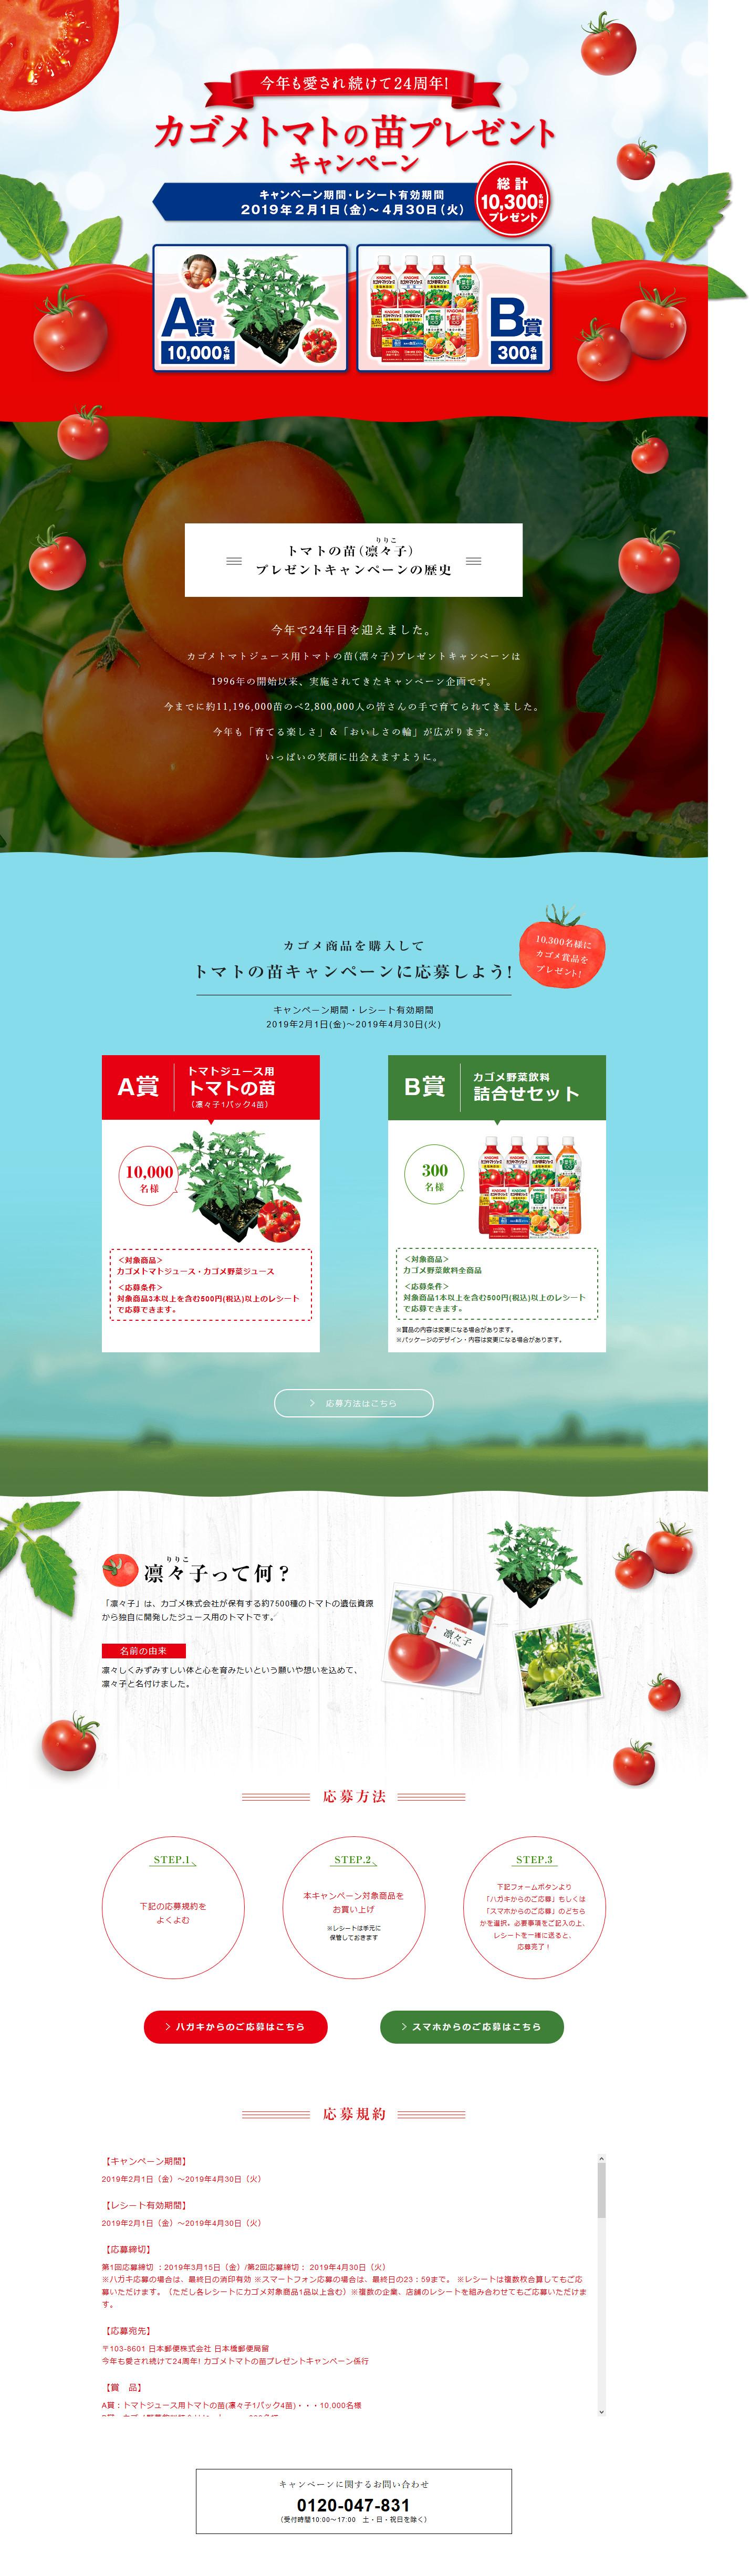 カゴメトマトの苗プレゼントキャンペーン